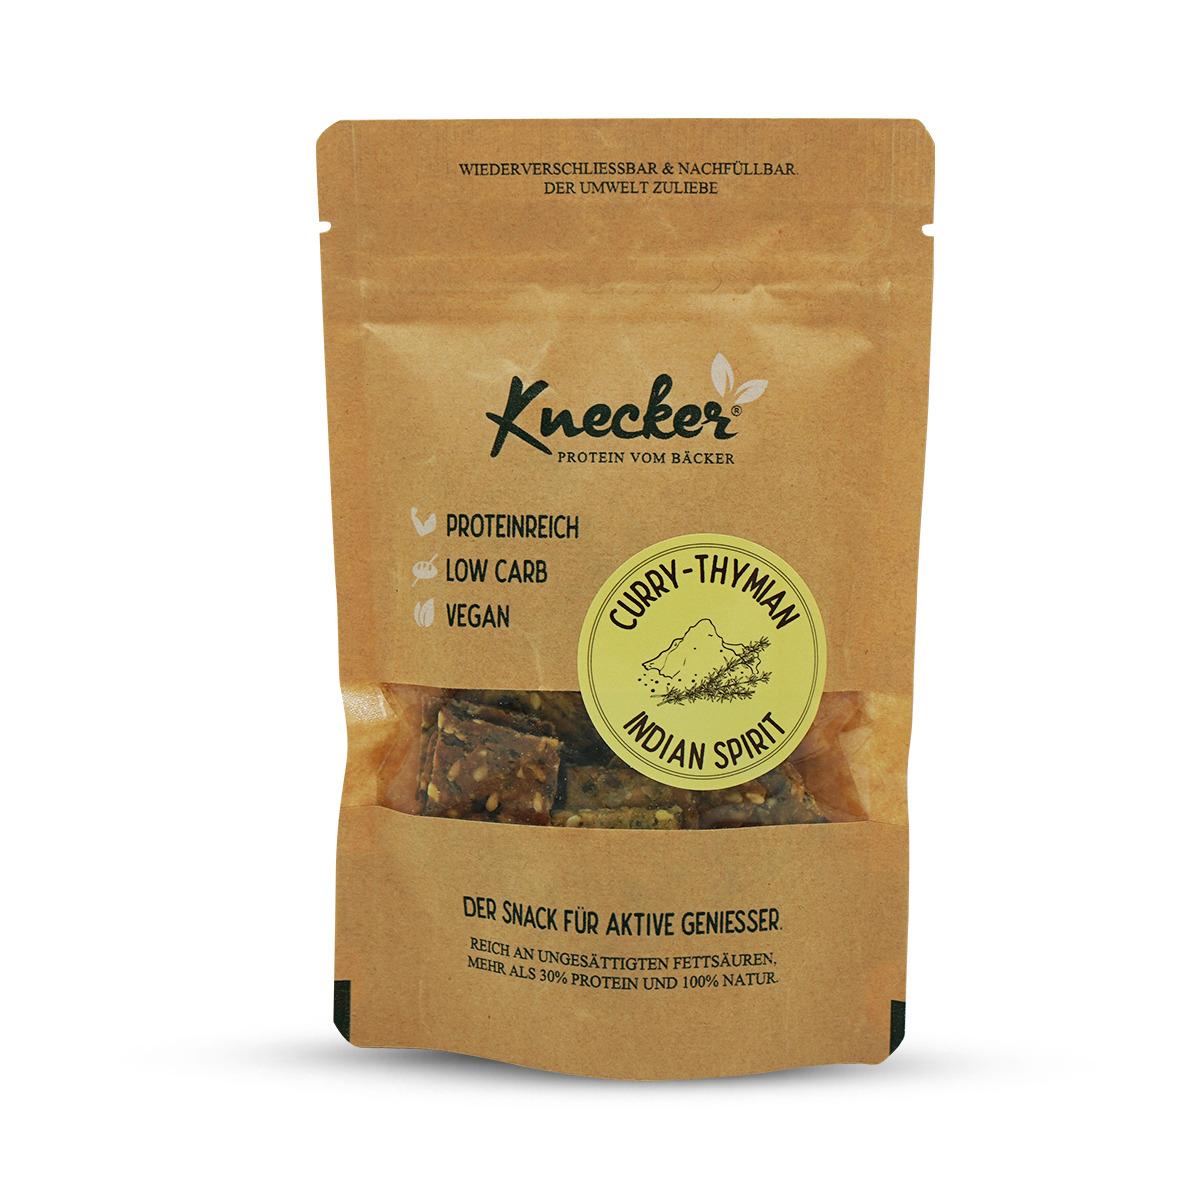 Knecker mit Curry-Thymian Pocketsize